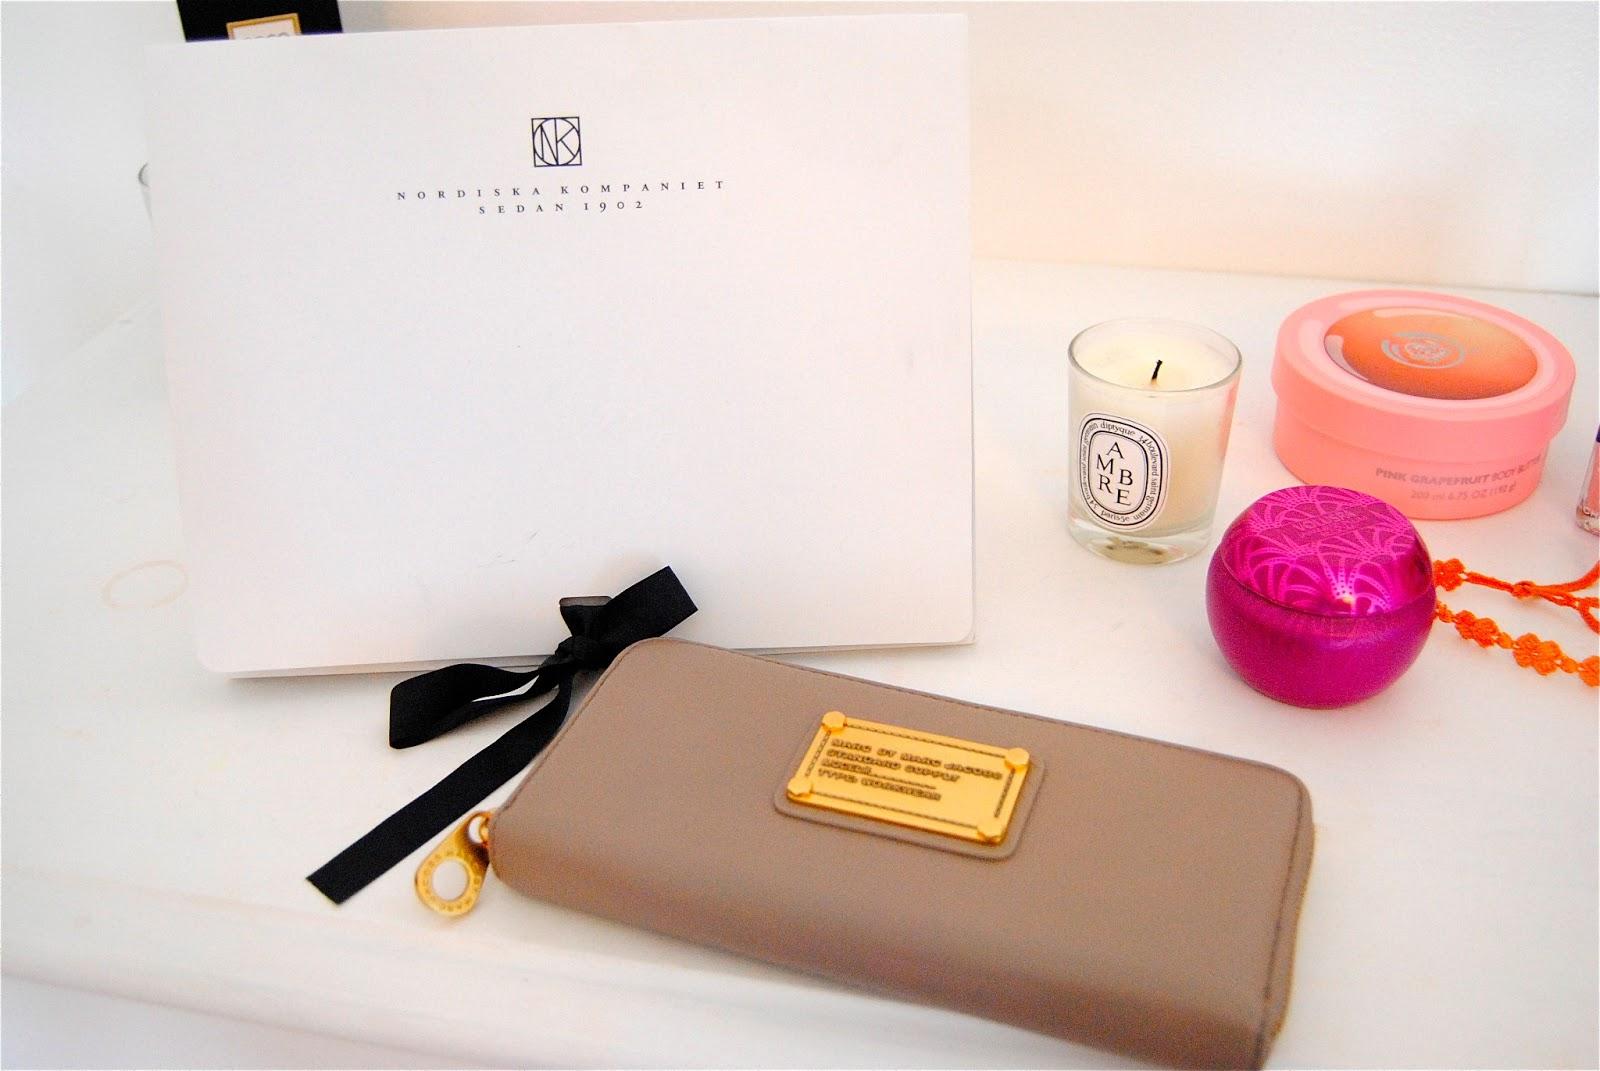 födelsedagspresenter till tjejer